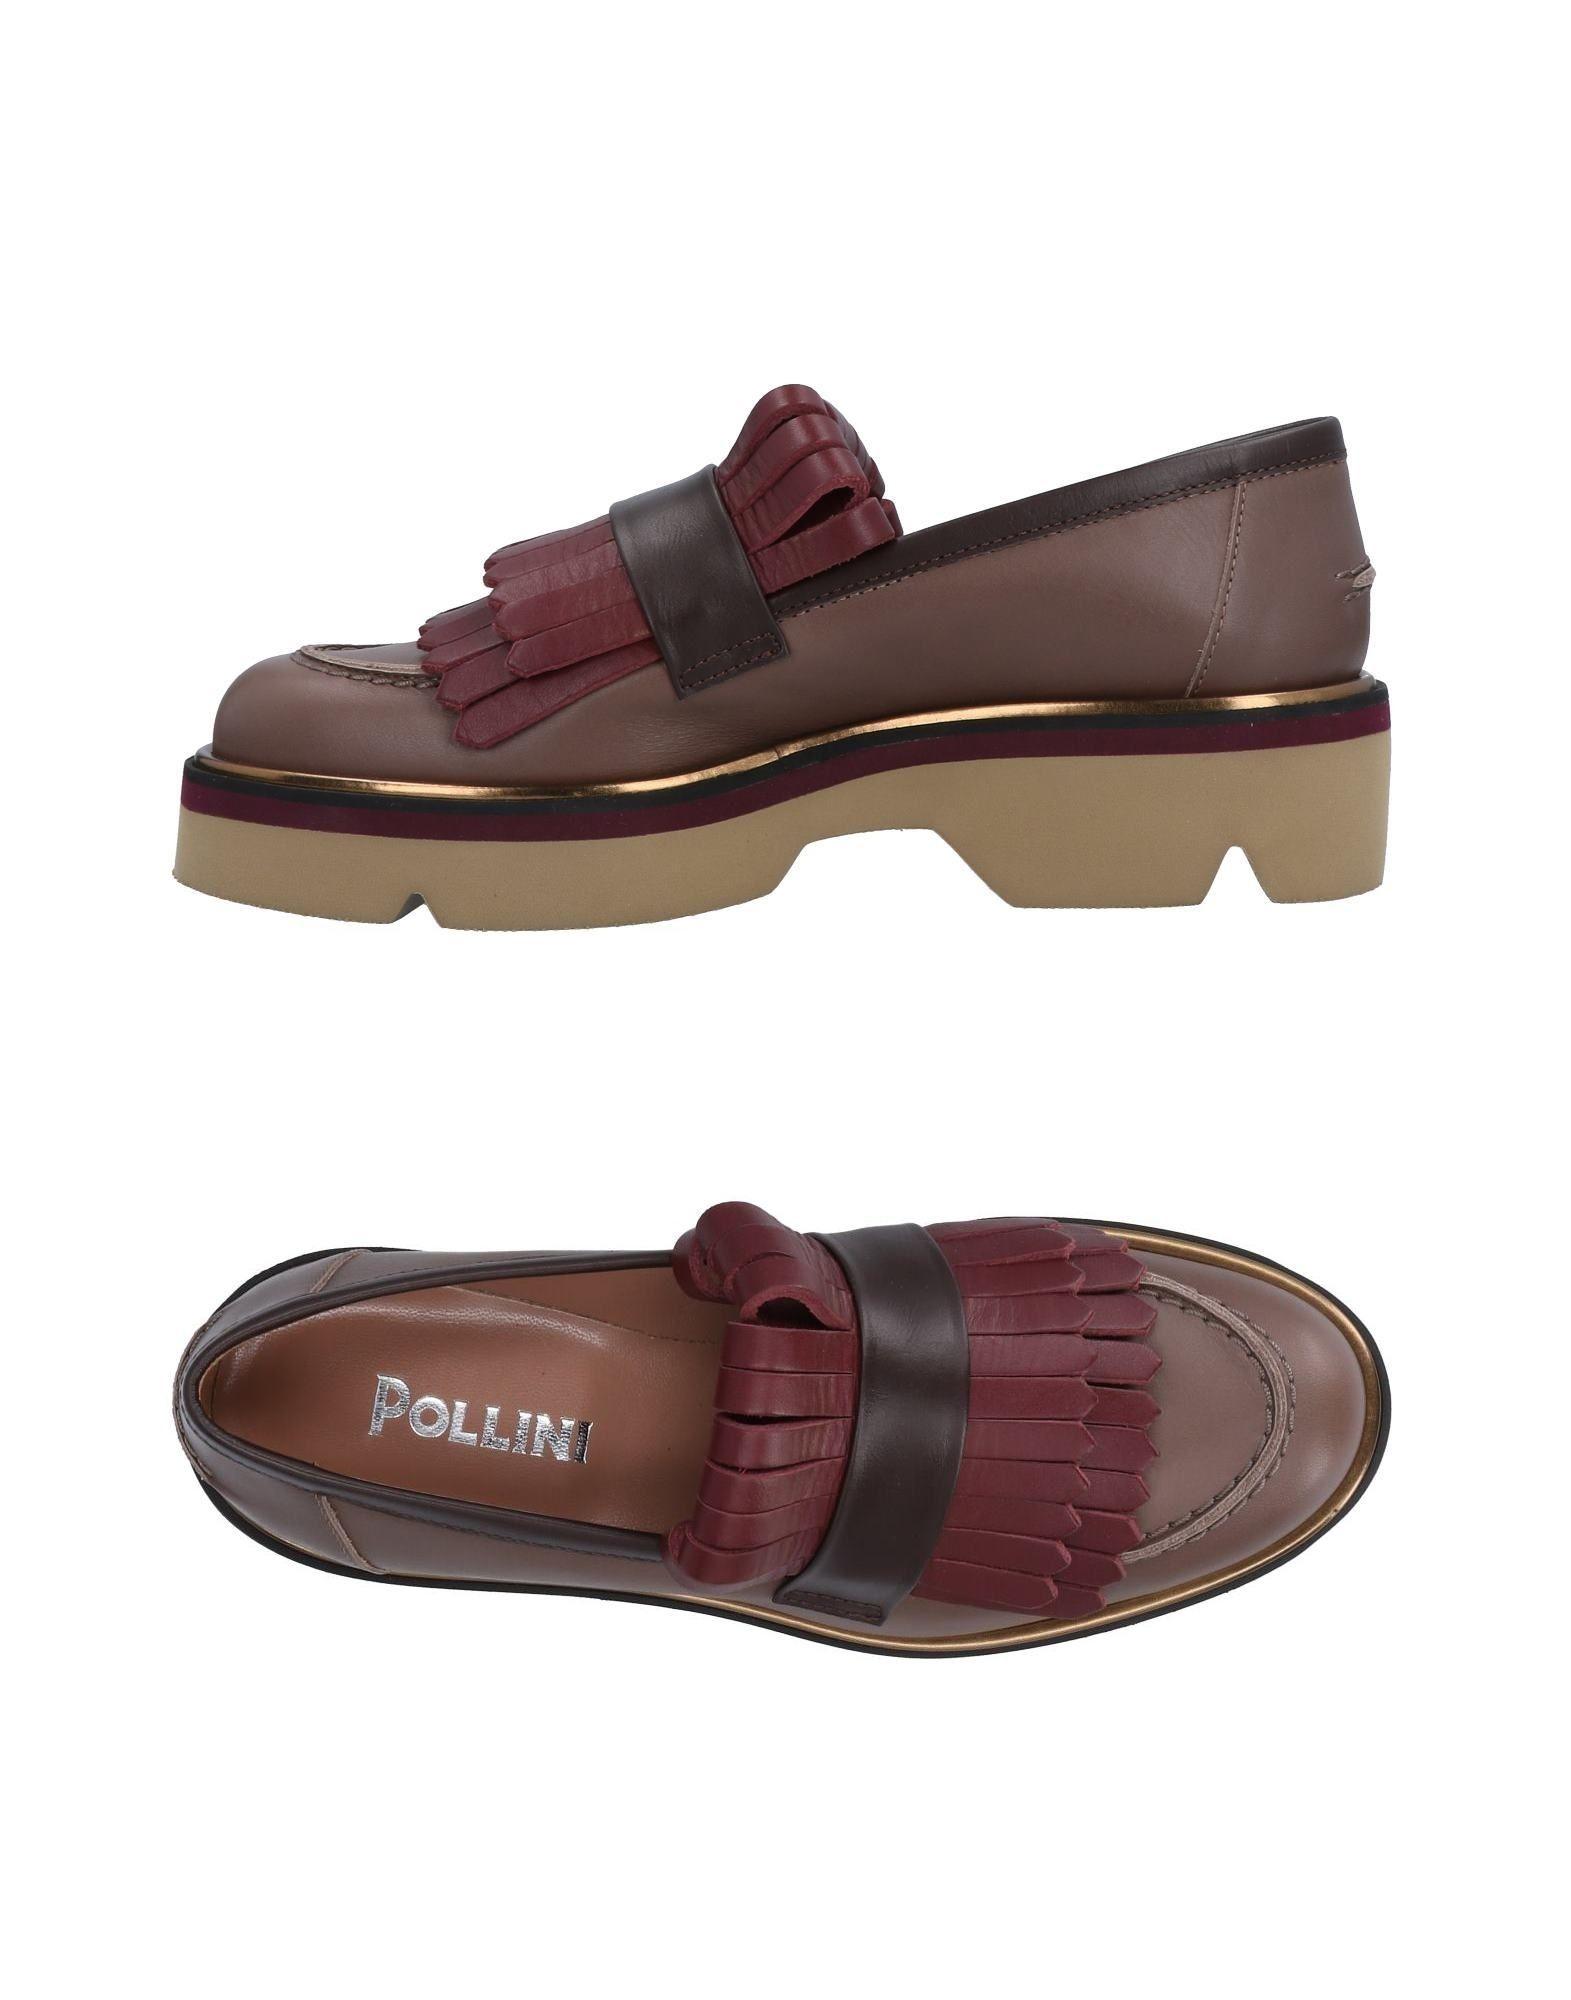 Moda Mocassino Pollini Donna - 11504269RO 11504269RO - 3684d1